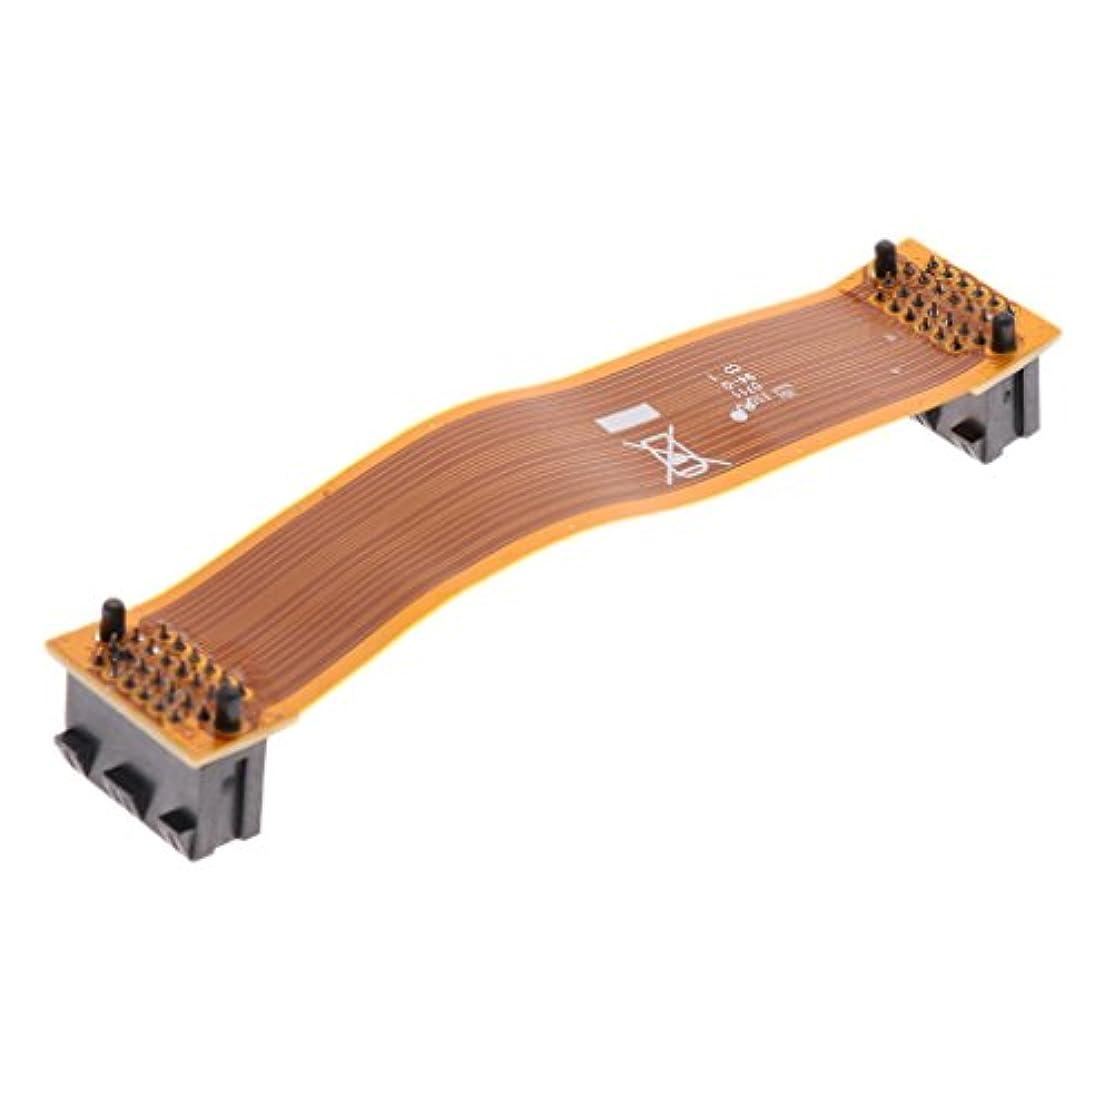 体操選手杭パブFenteer 銅コアクロスファイアケーブル PCI-E フレキシブル ブリッジ ビデオ コネクター クロスファイア ケーブル 10cm  SLI N-カード用